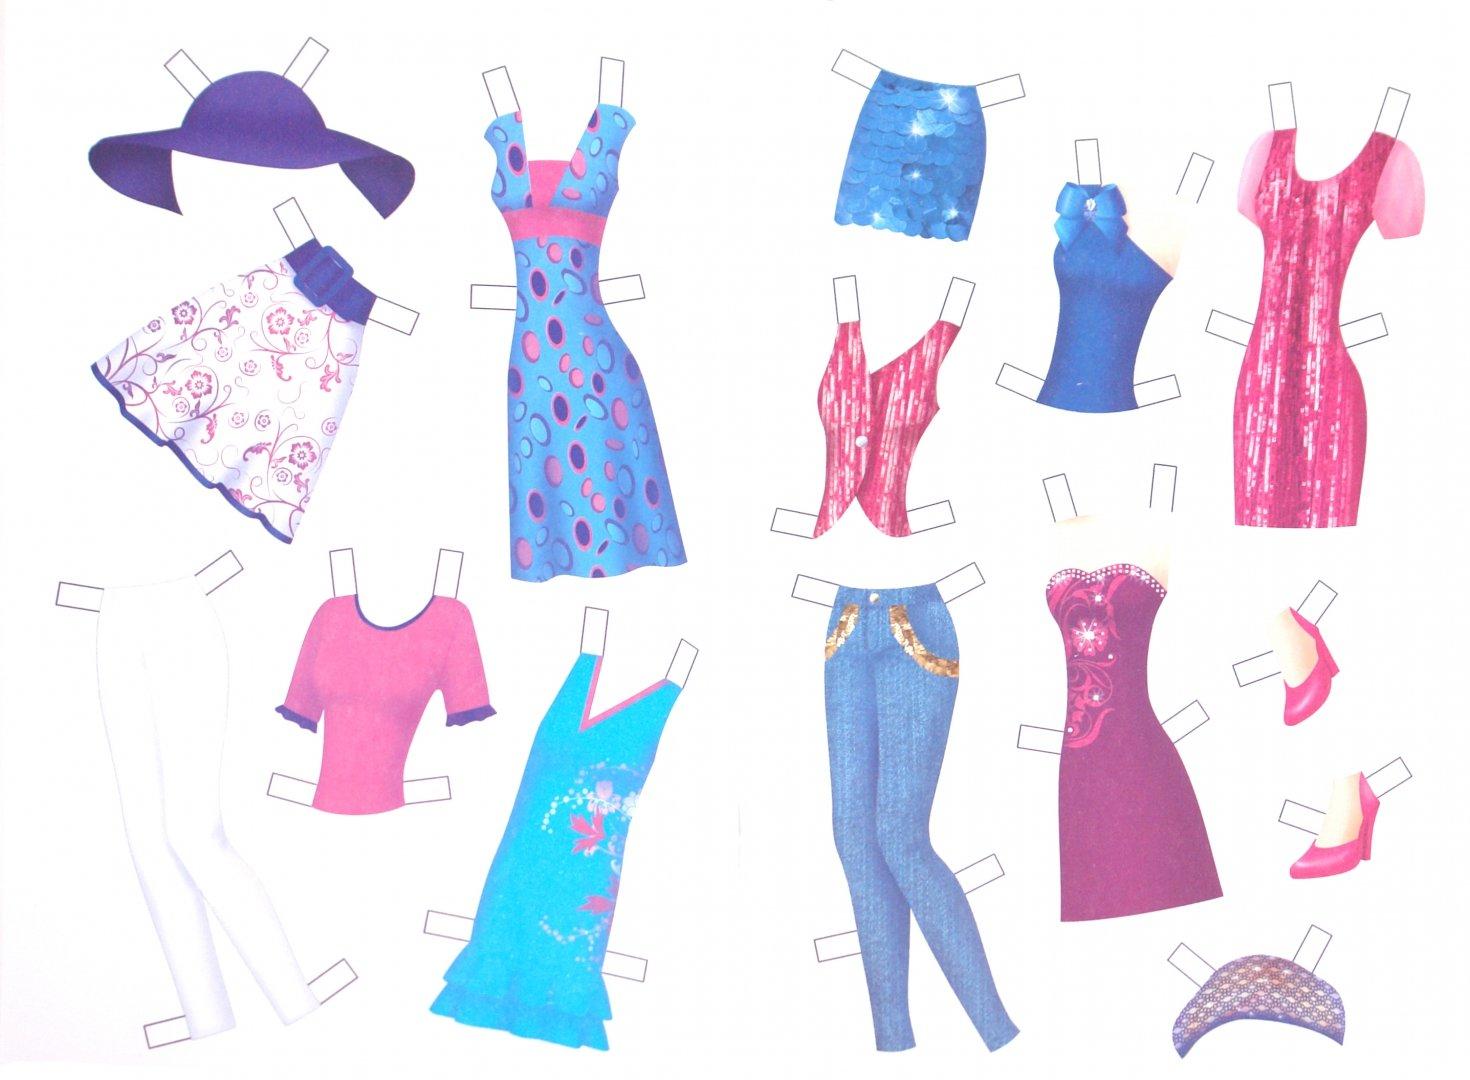 картинки наборы барби с одеждой для вырезания гостиной скандинавском